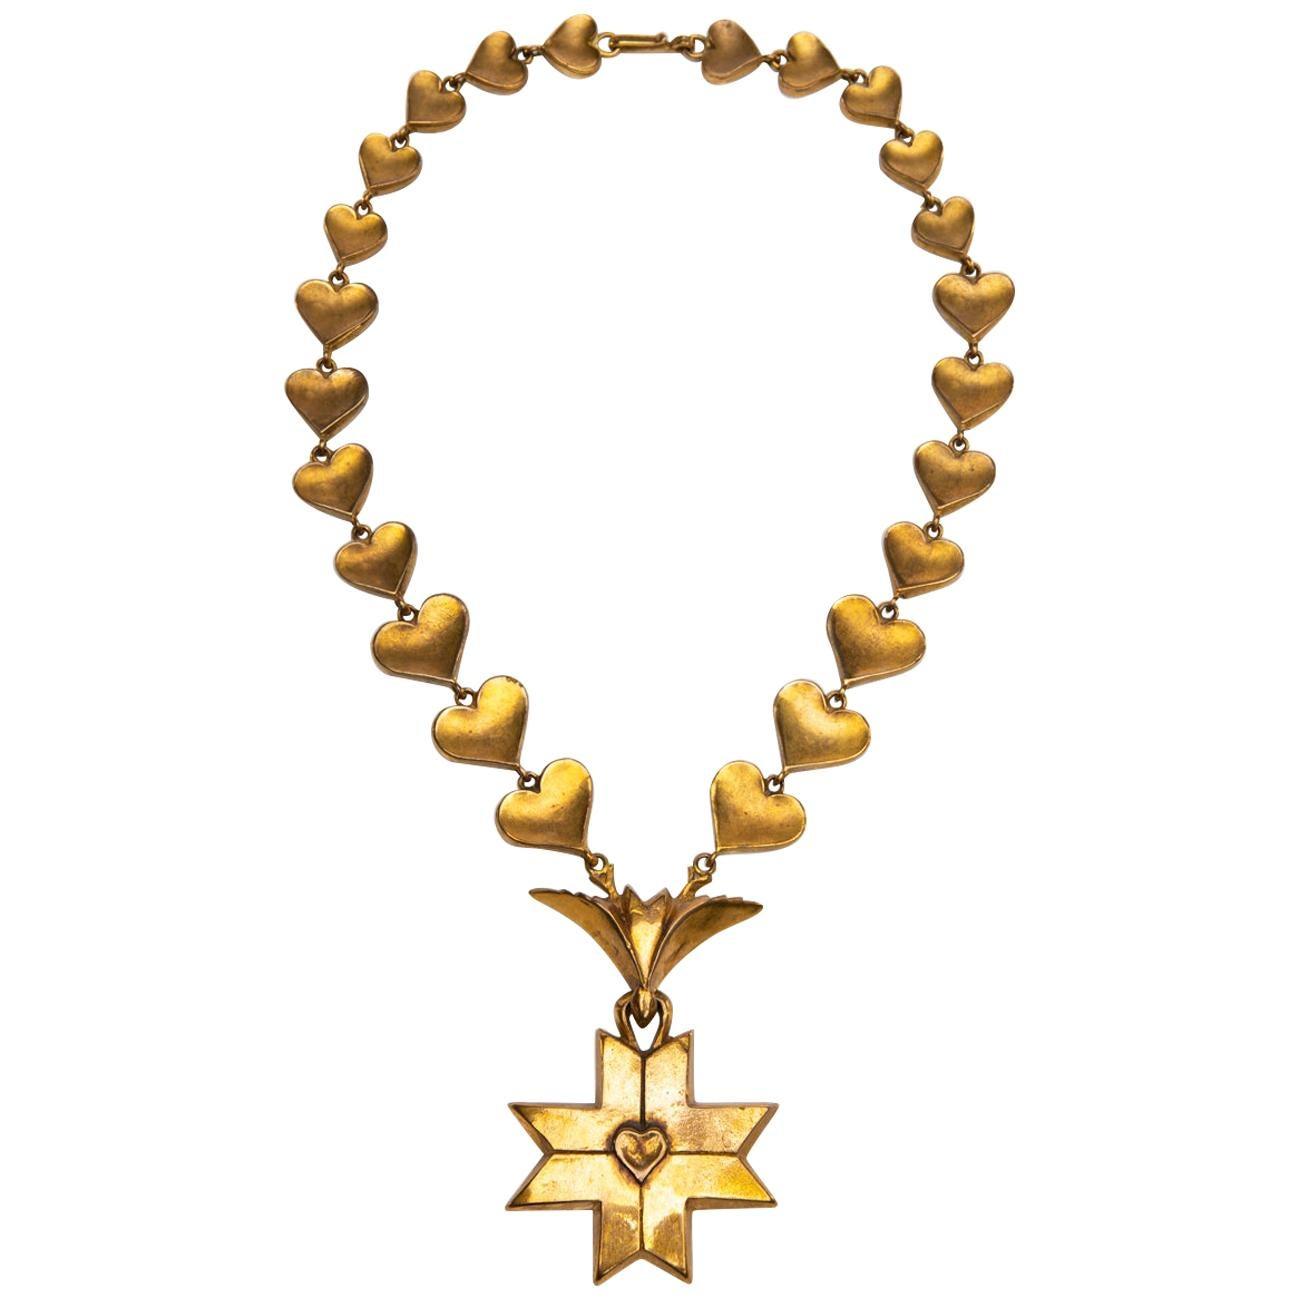 Le Saint Esprit, Gilded Bronze Necklace, Line Vautrin 'France'